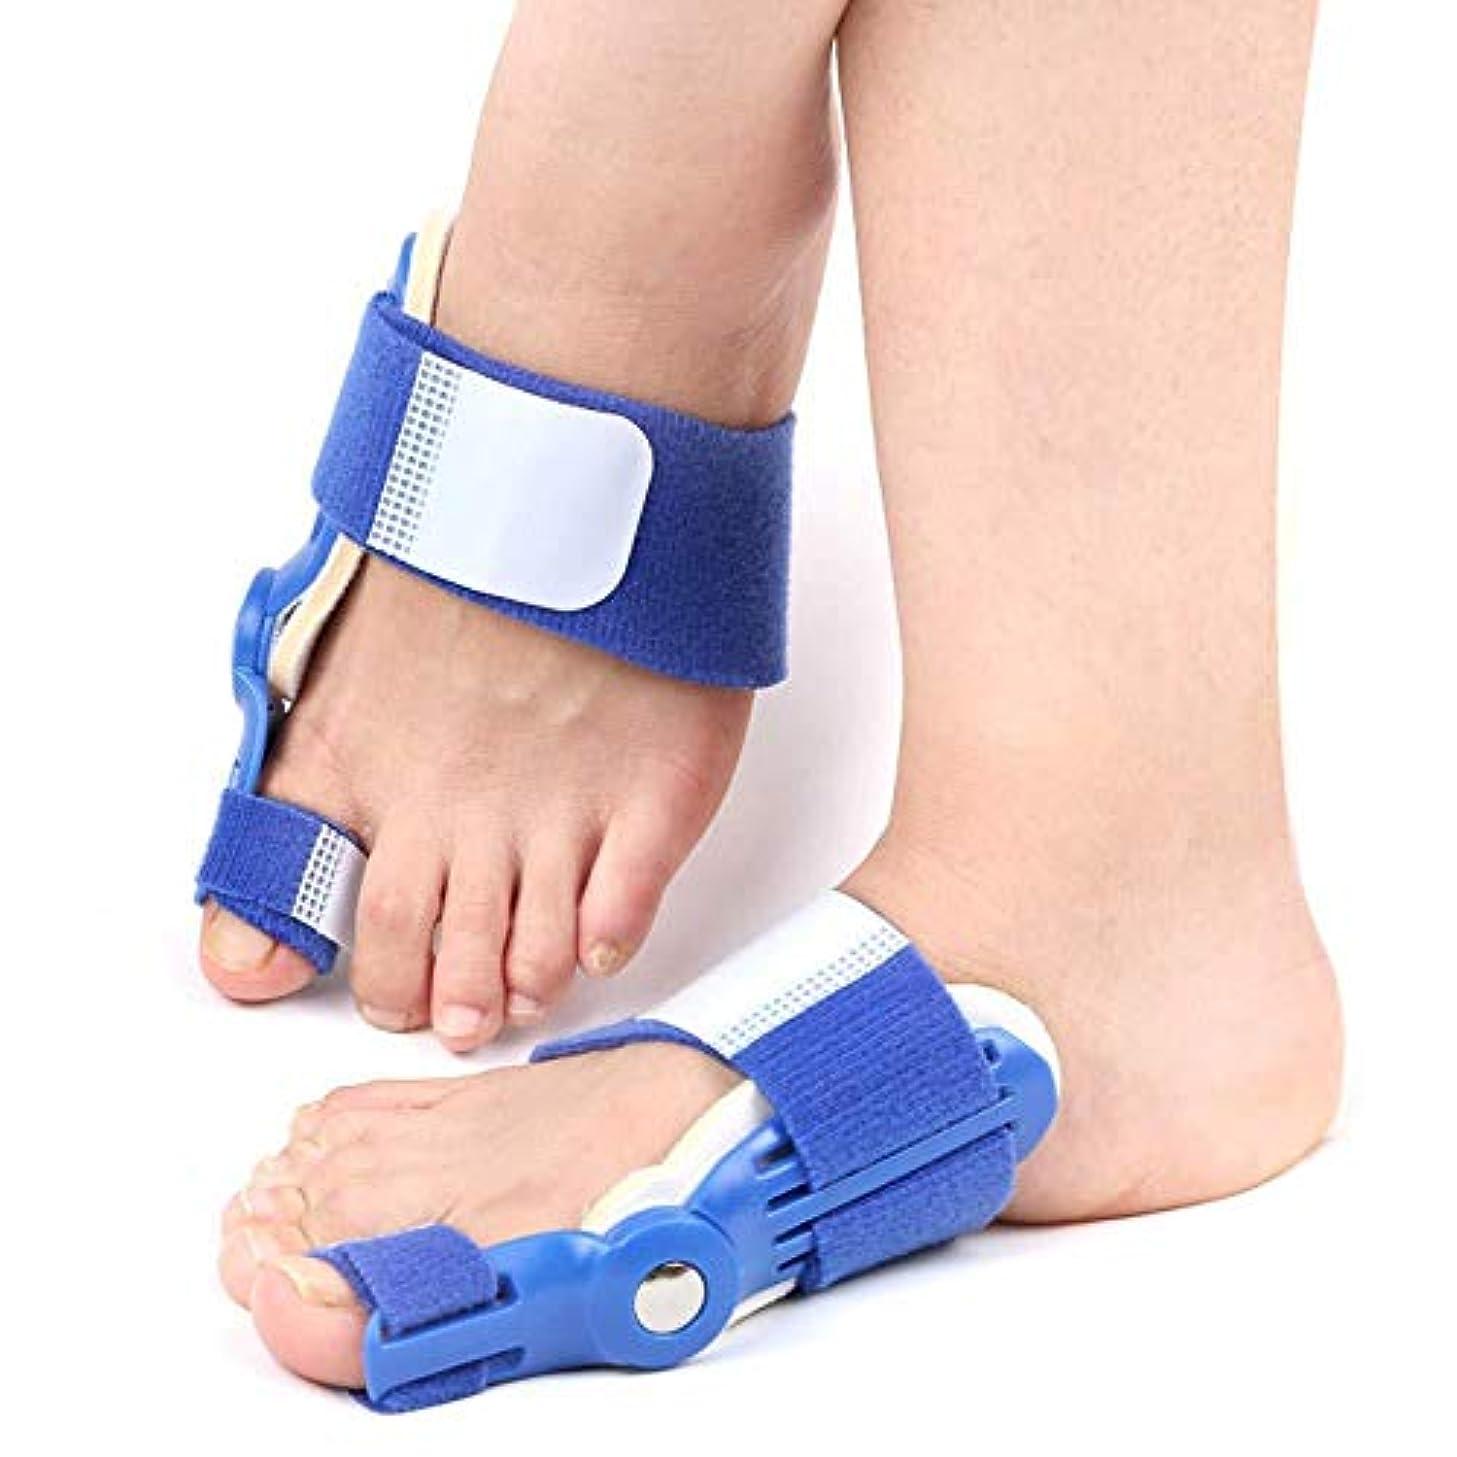 救急車前任者ダメージ腱膜瘤矯正、足の親指のアライメント矯正矯正外科的疼痛緩和と腱膜瘤のサポートなしの腱膜瘤治療